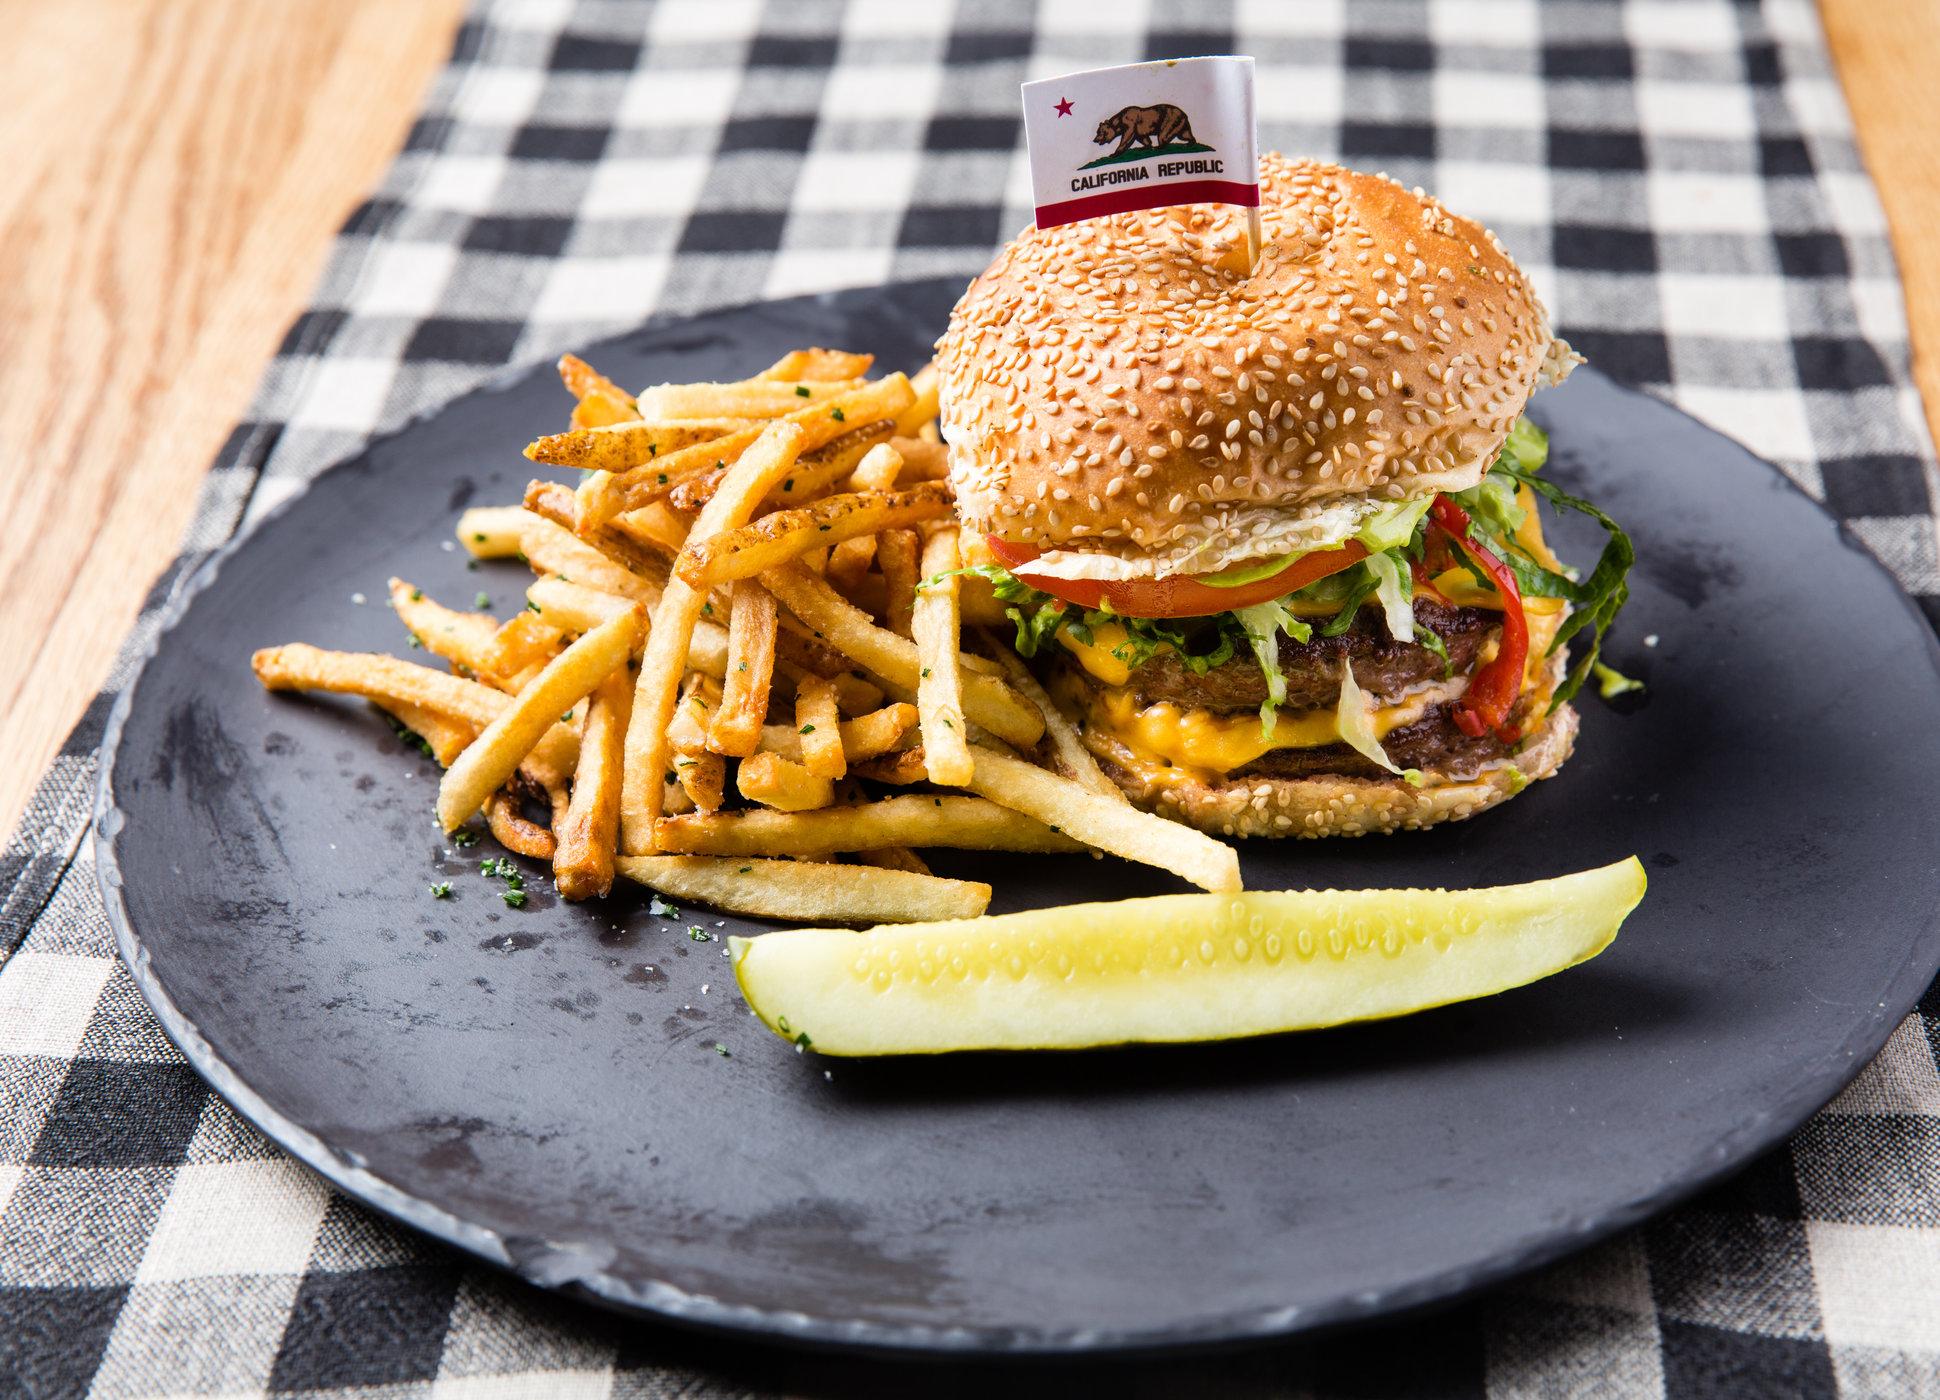 3. upland - The Cheeseburger